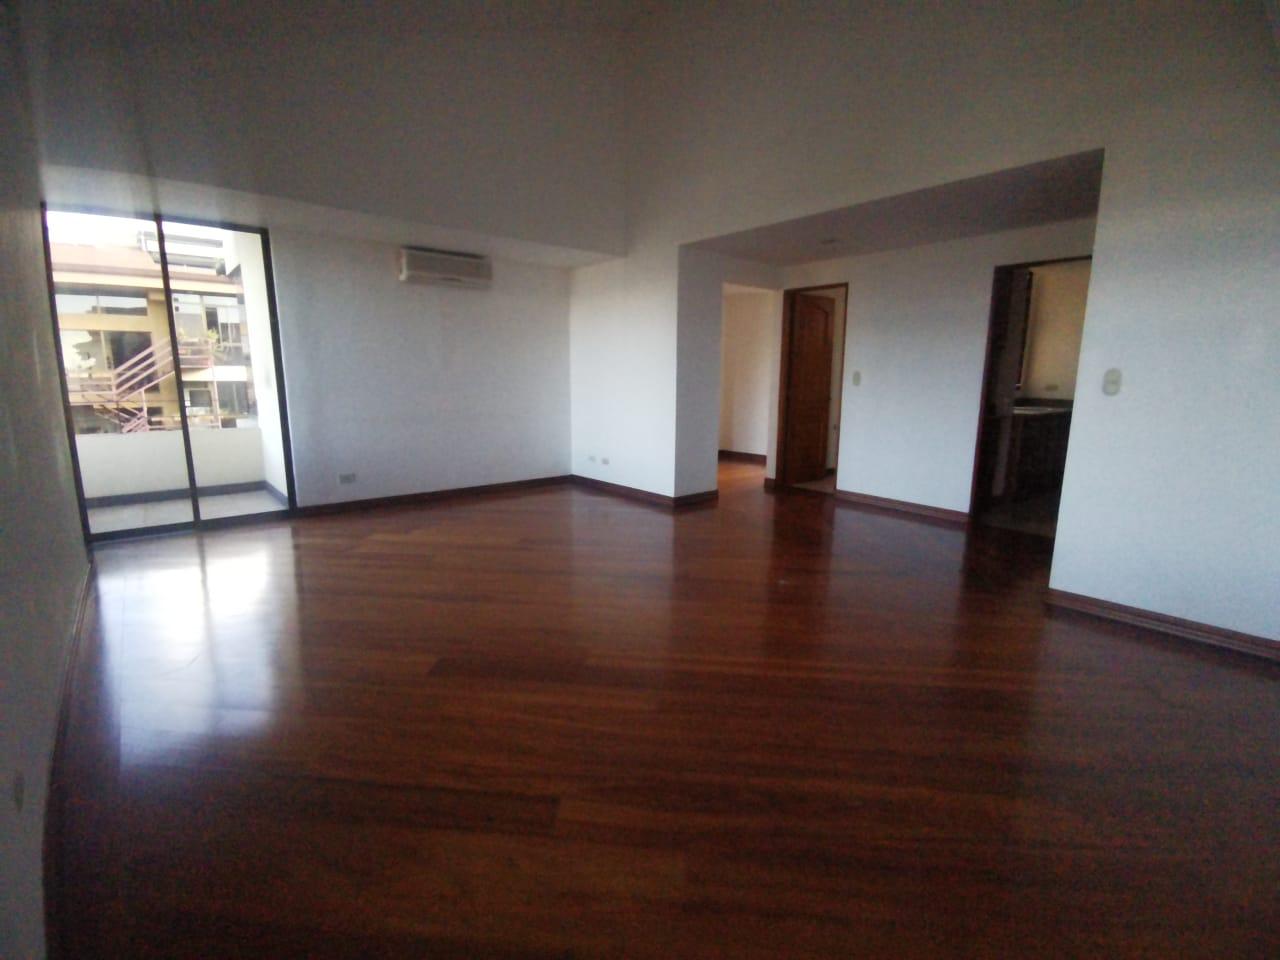 2721 Lindo apartamento en Escazú, con mucha iluminación natural, amplios espacios, habitaciones cómodas y ventiladas.